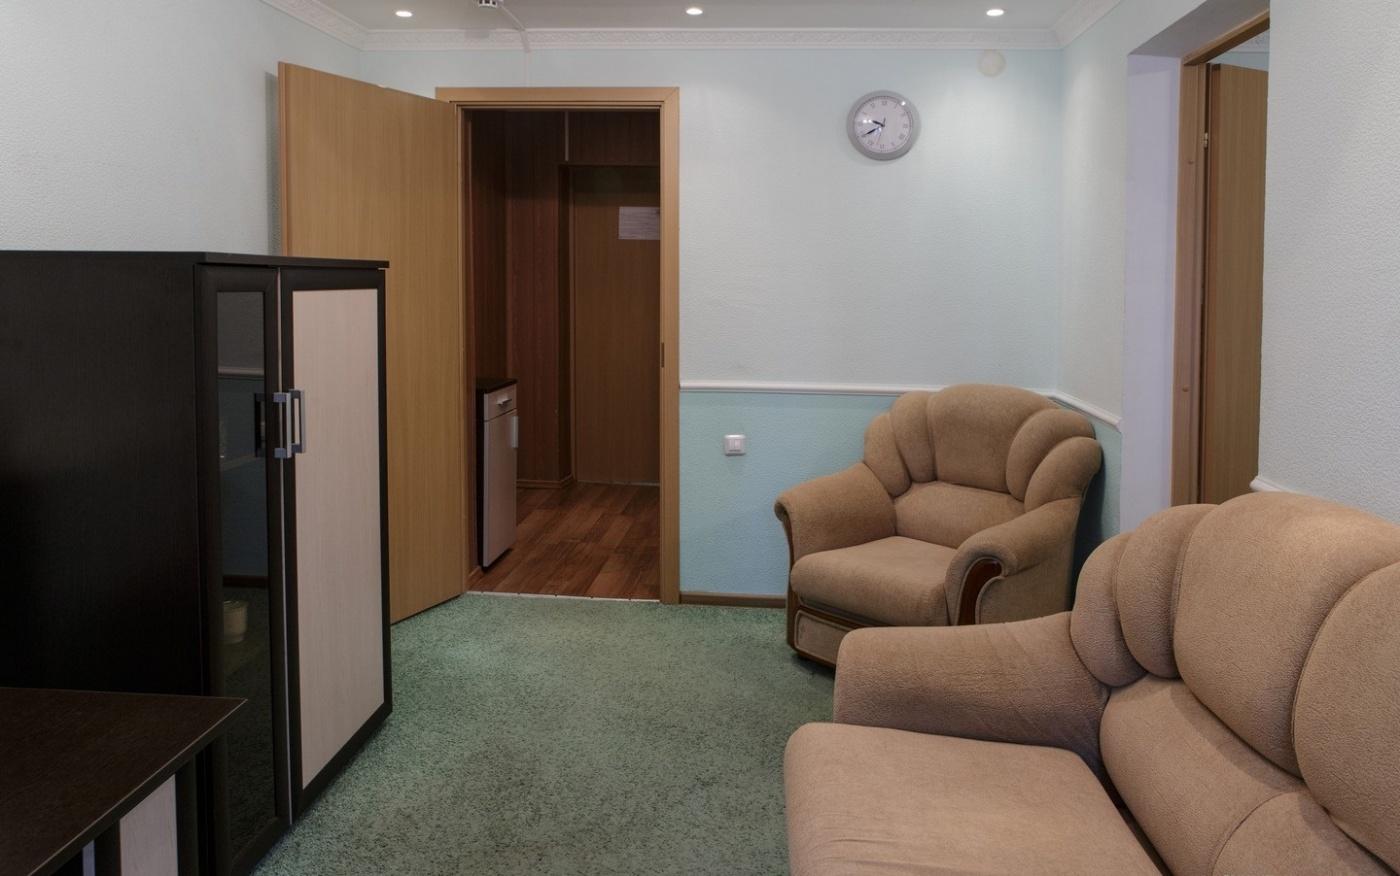 База отдыха «Боровое» Московская область 2-местный 2-комнатный номер повышенной комфортности, фото 4